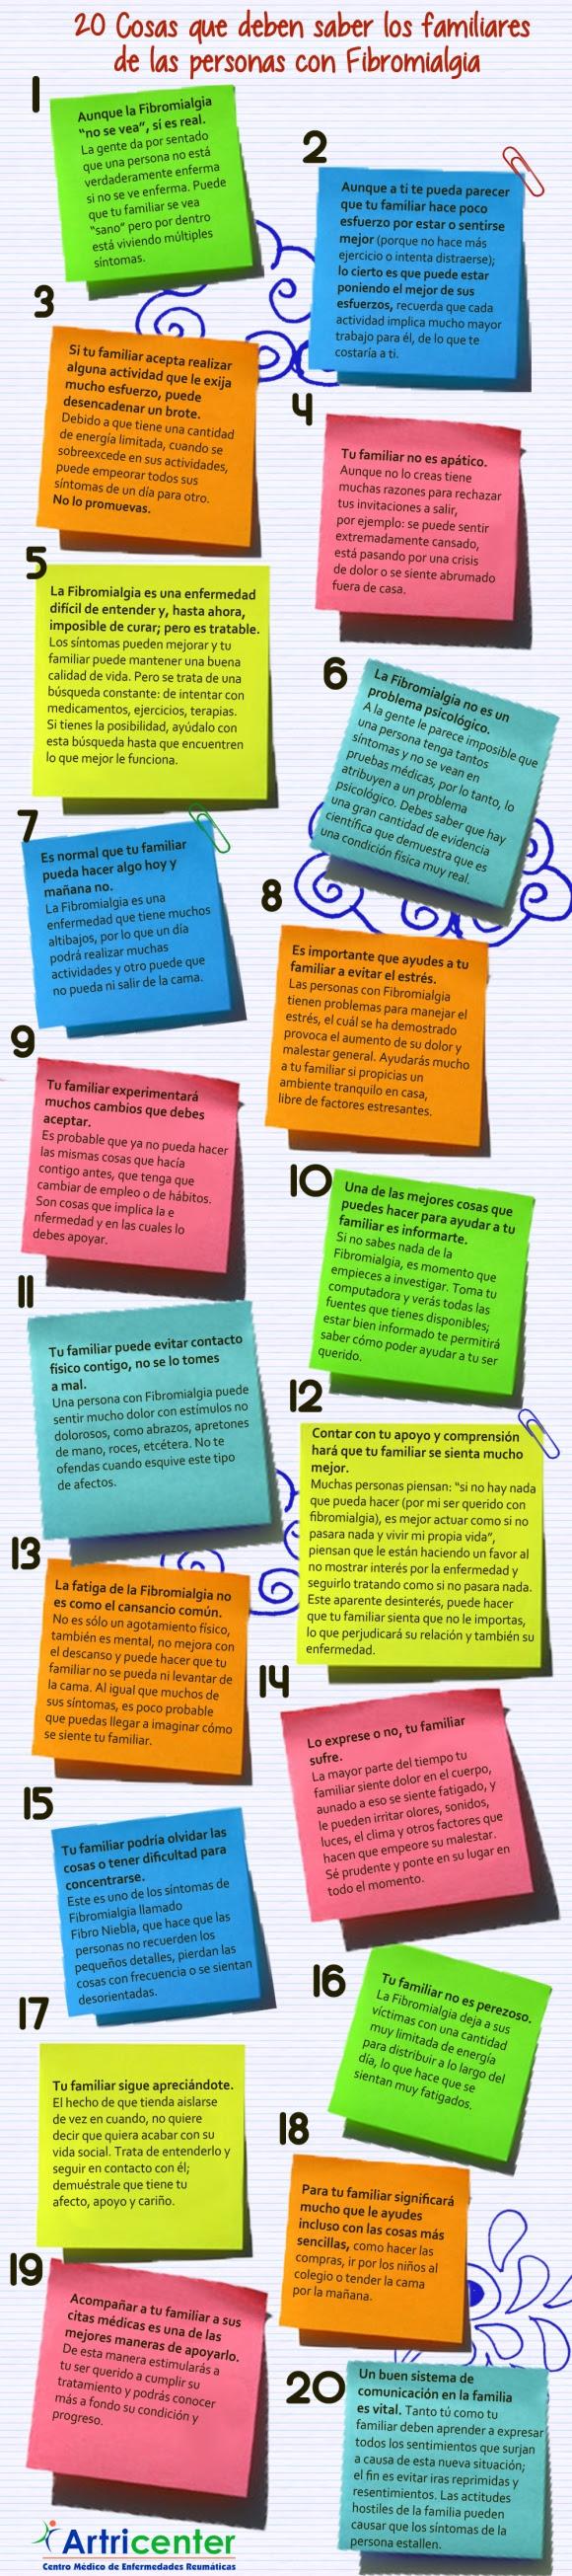 20 cosas familiares fm